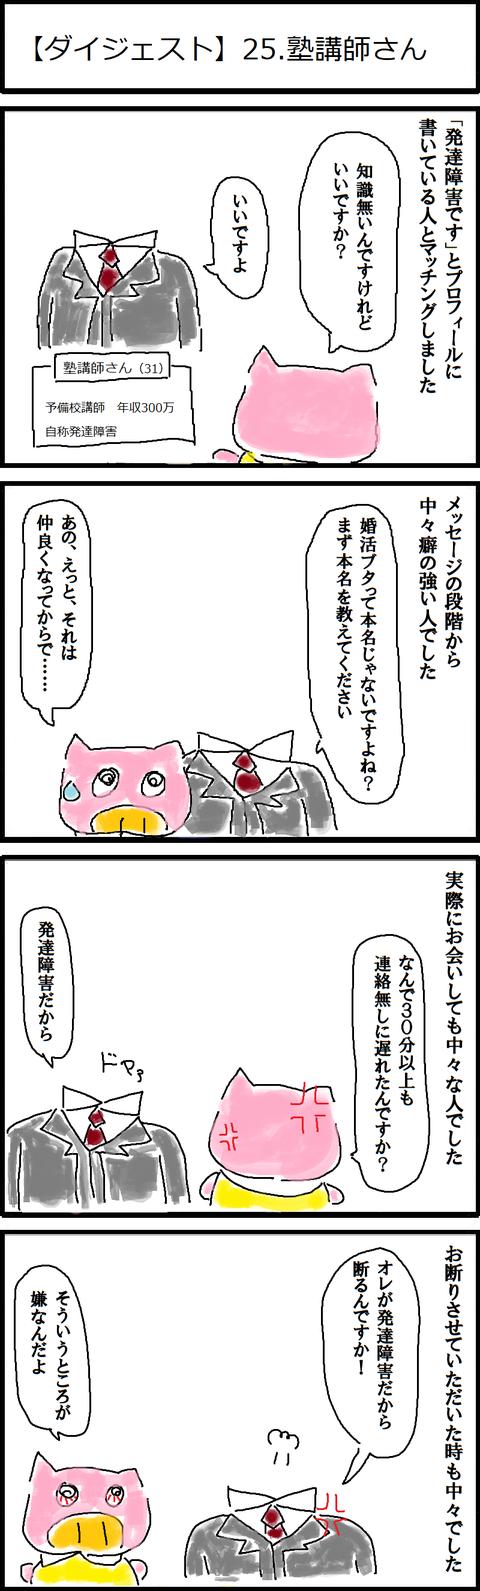 【ダイジェスト】25.塾講師さん